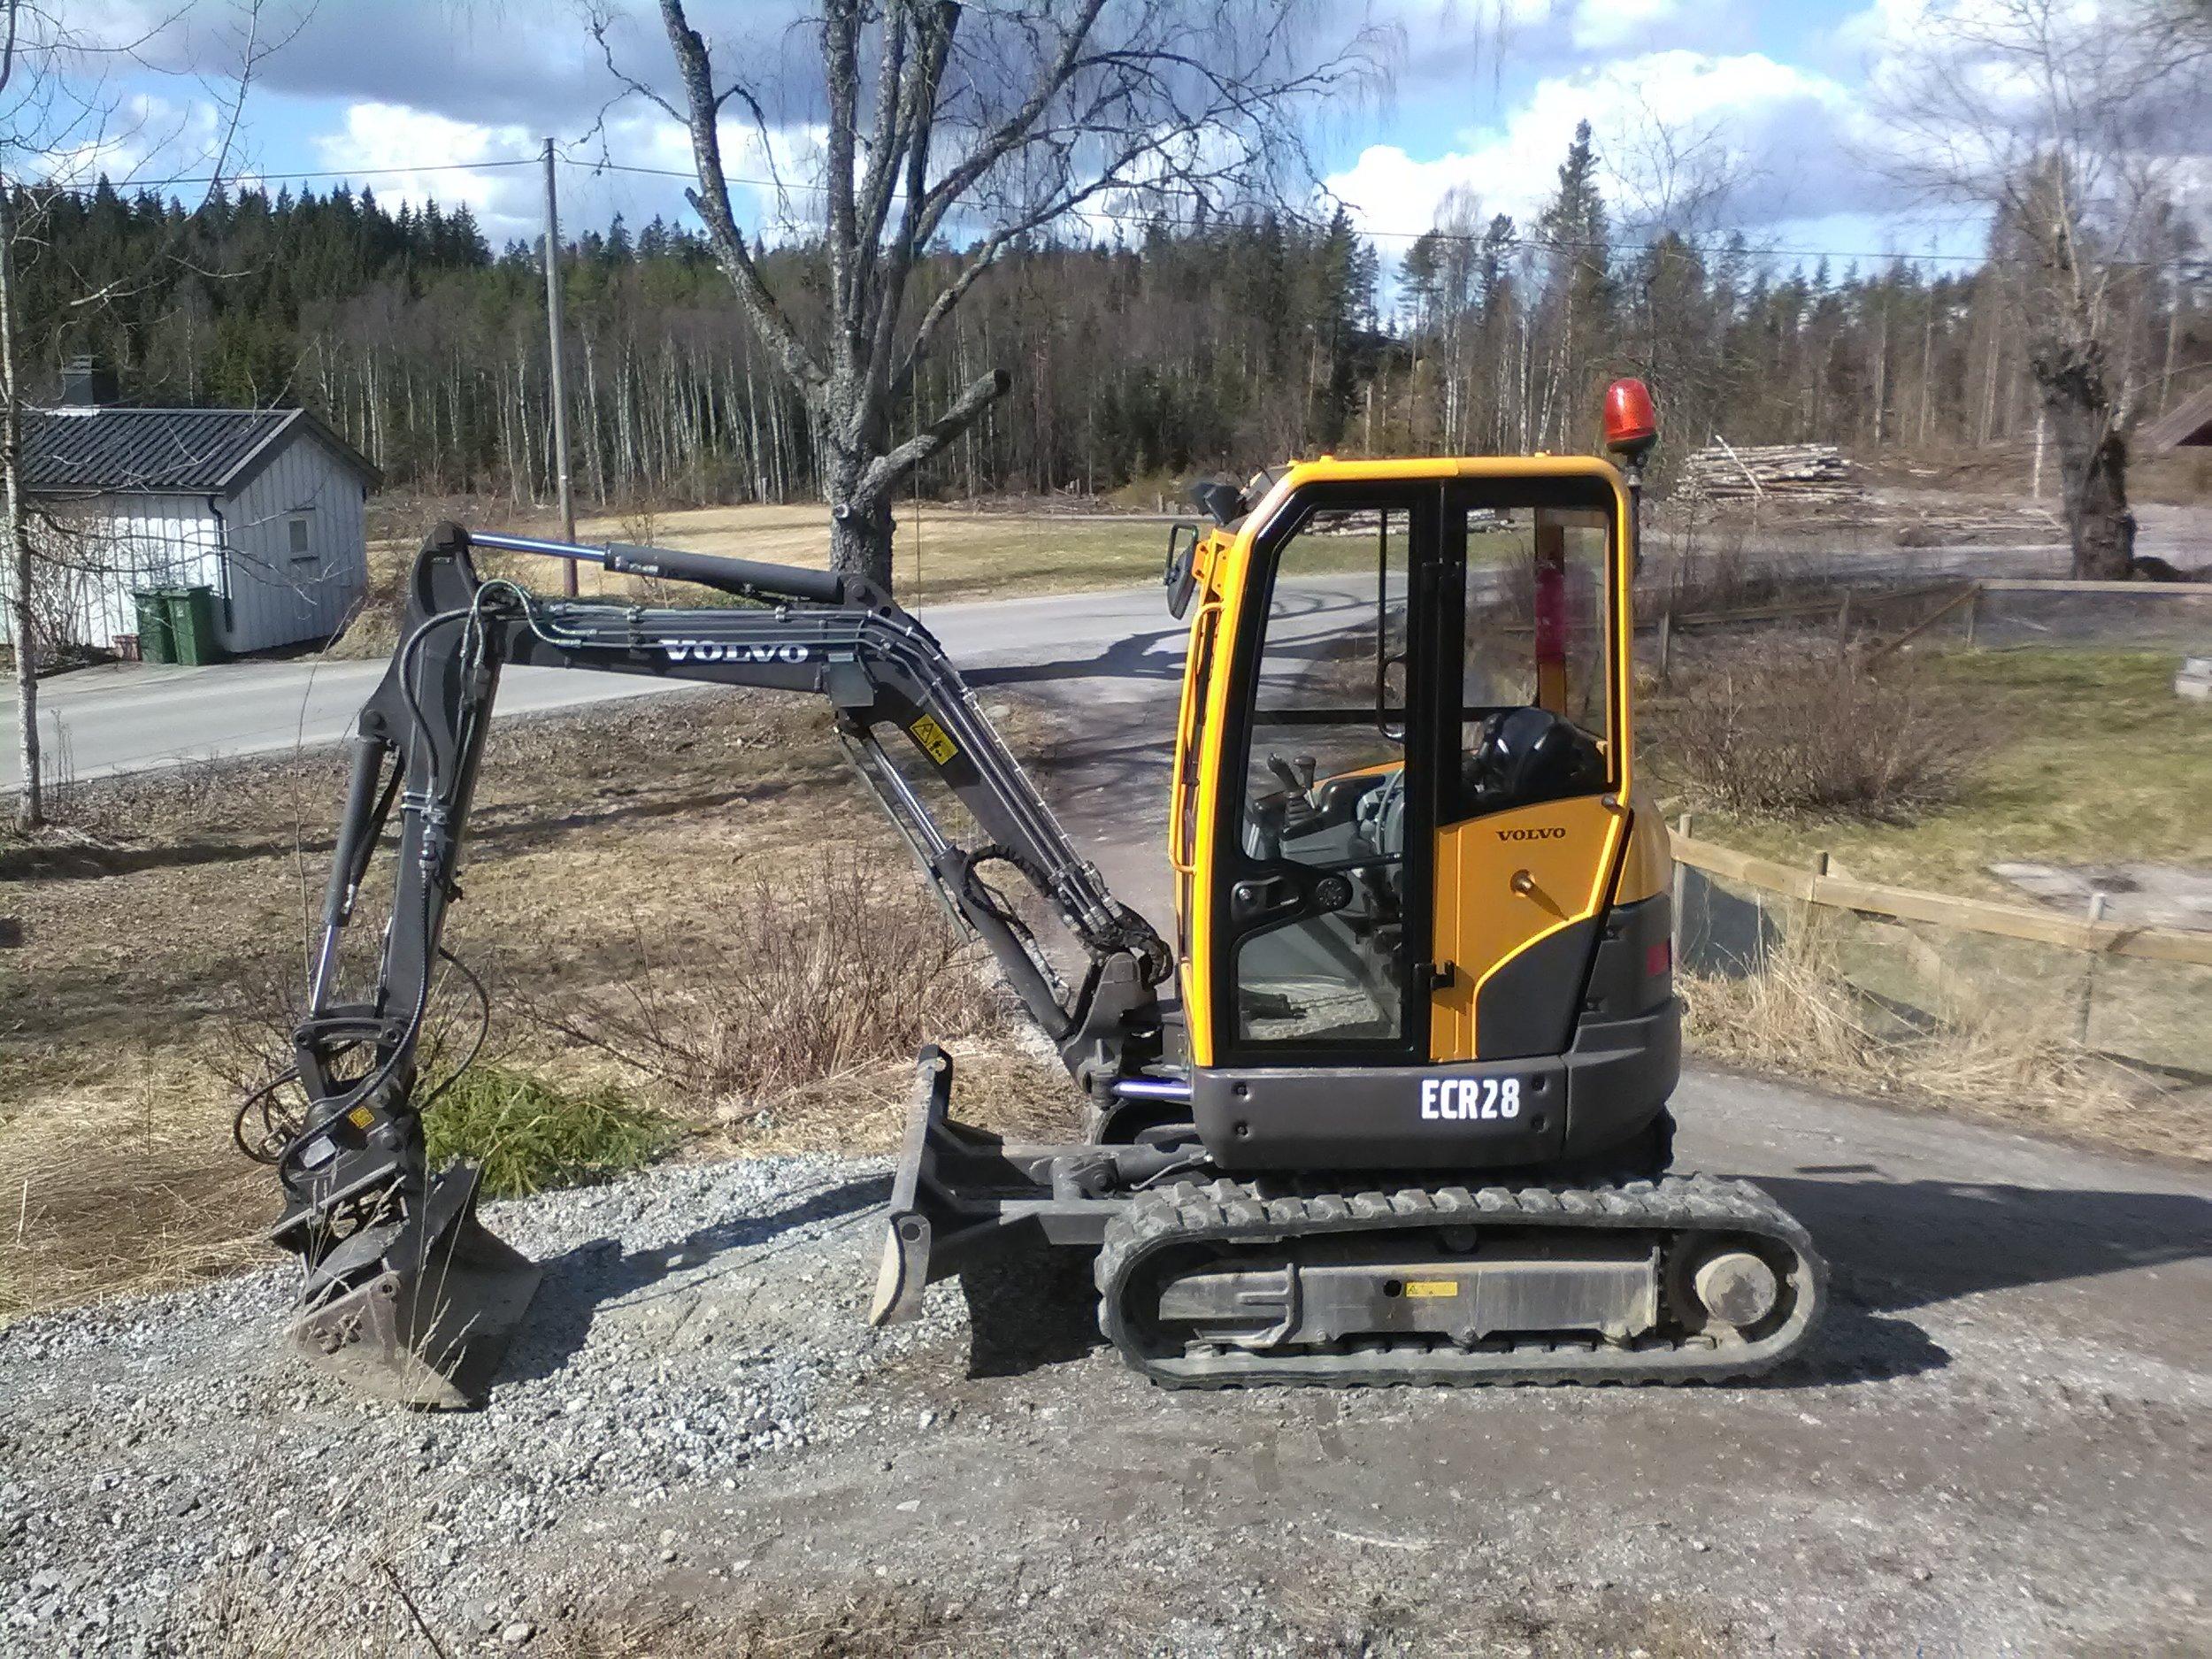 Minigraver - Volvo ECR28 2.8 Tonns MinigraverNår du trenger et hull, en grøft, eller hva som helst du ikke har lyst til å gjøre med spaden…